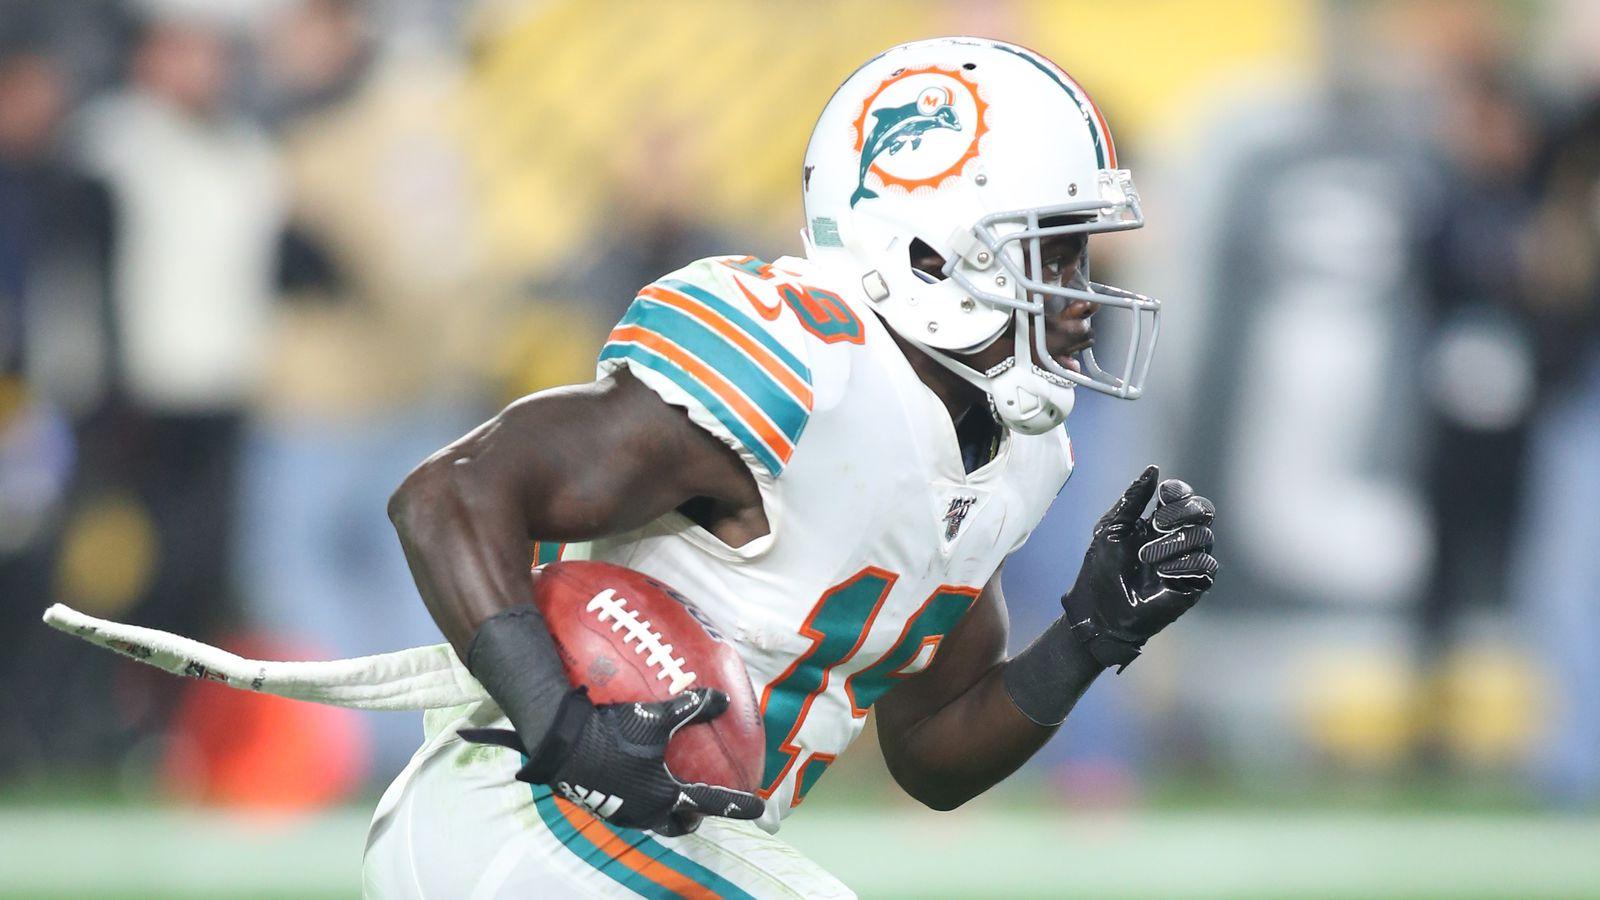 Watch: Miami narrows it to 30-20 with Wildcat touchdown run - Buffalo Rumblings